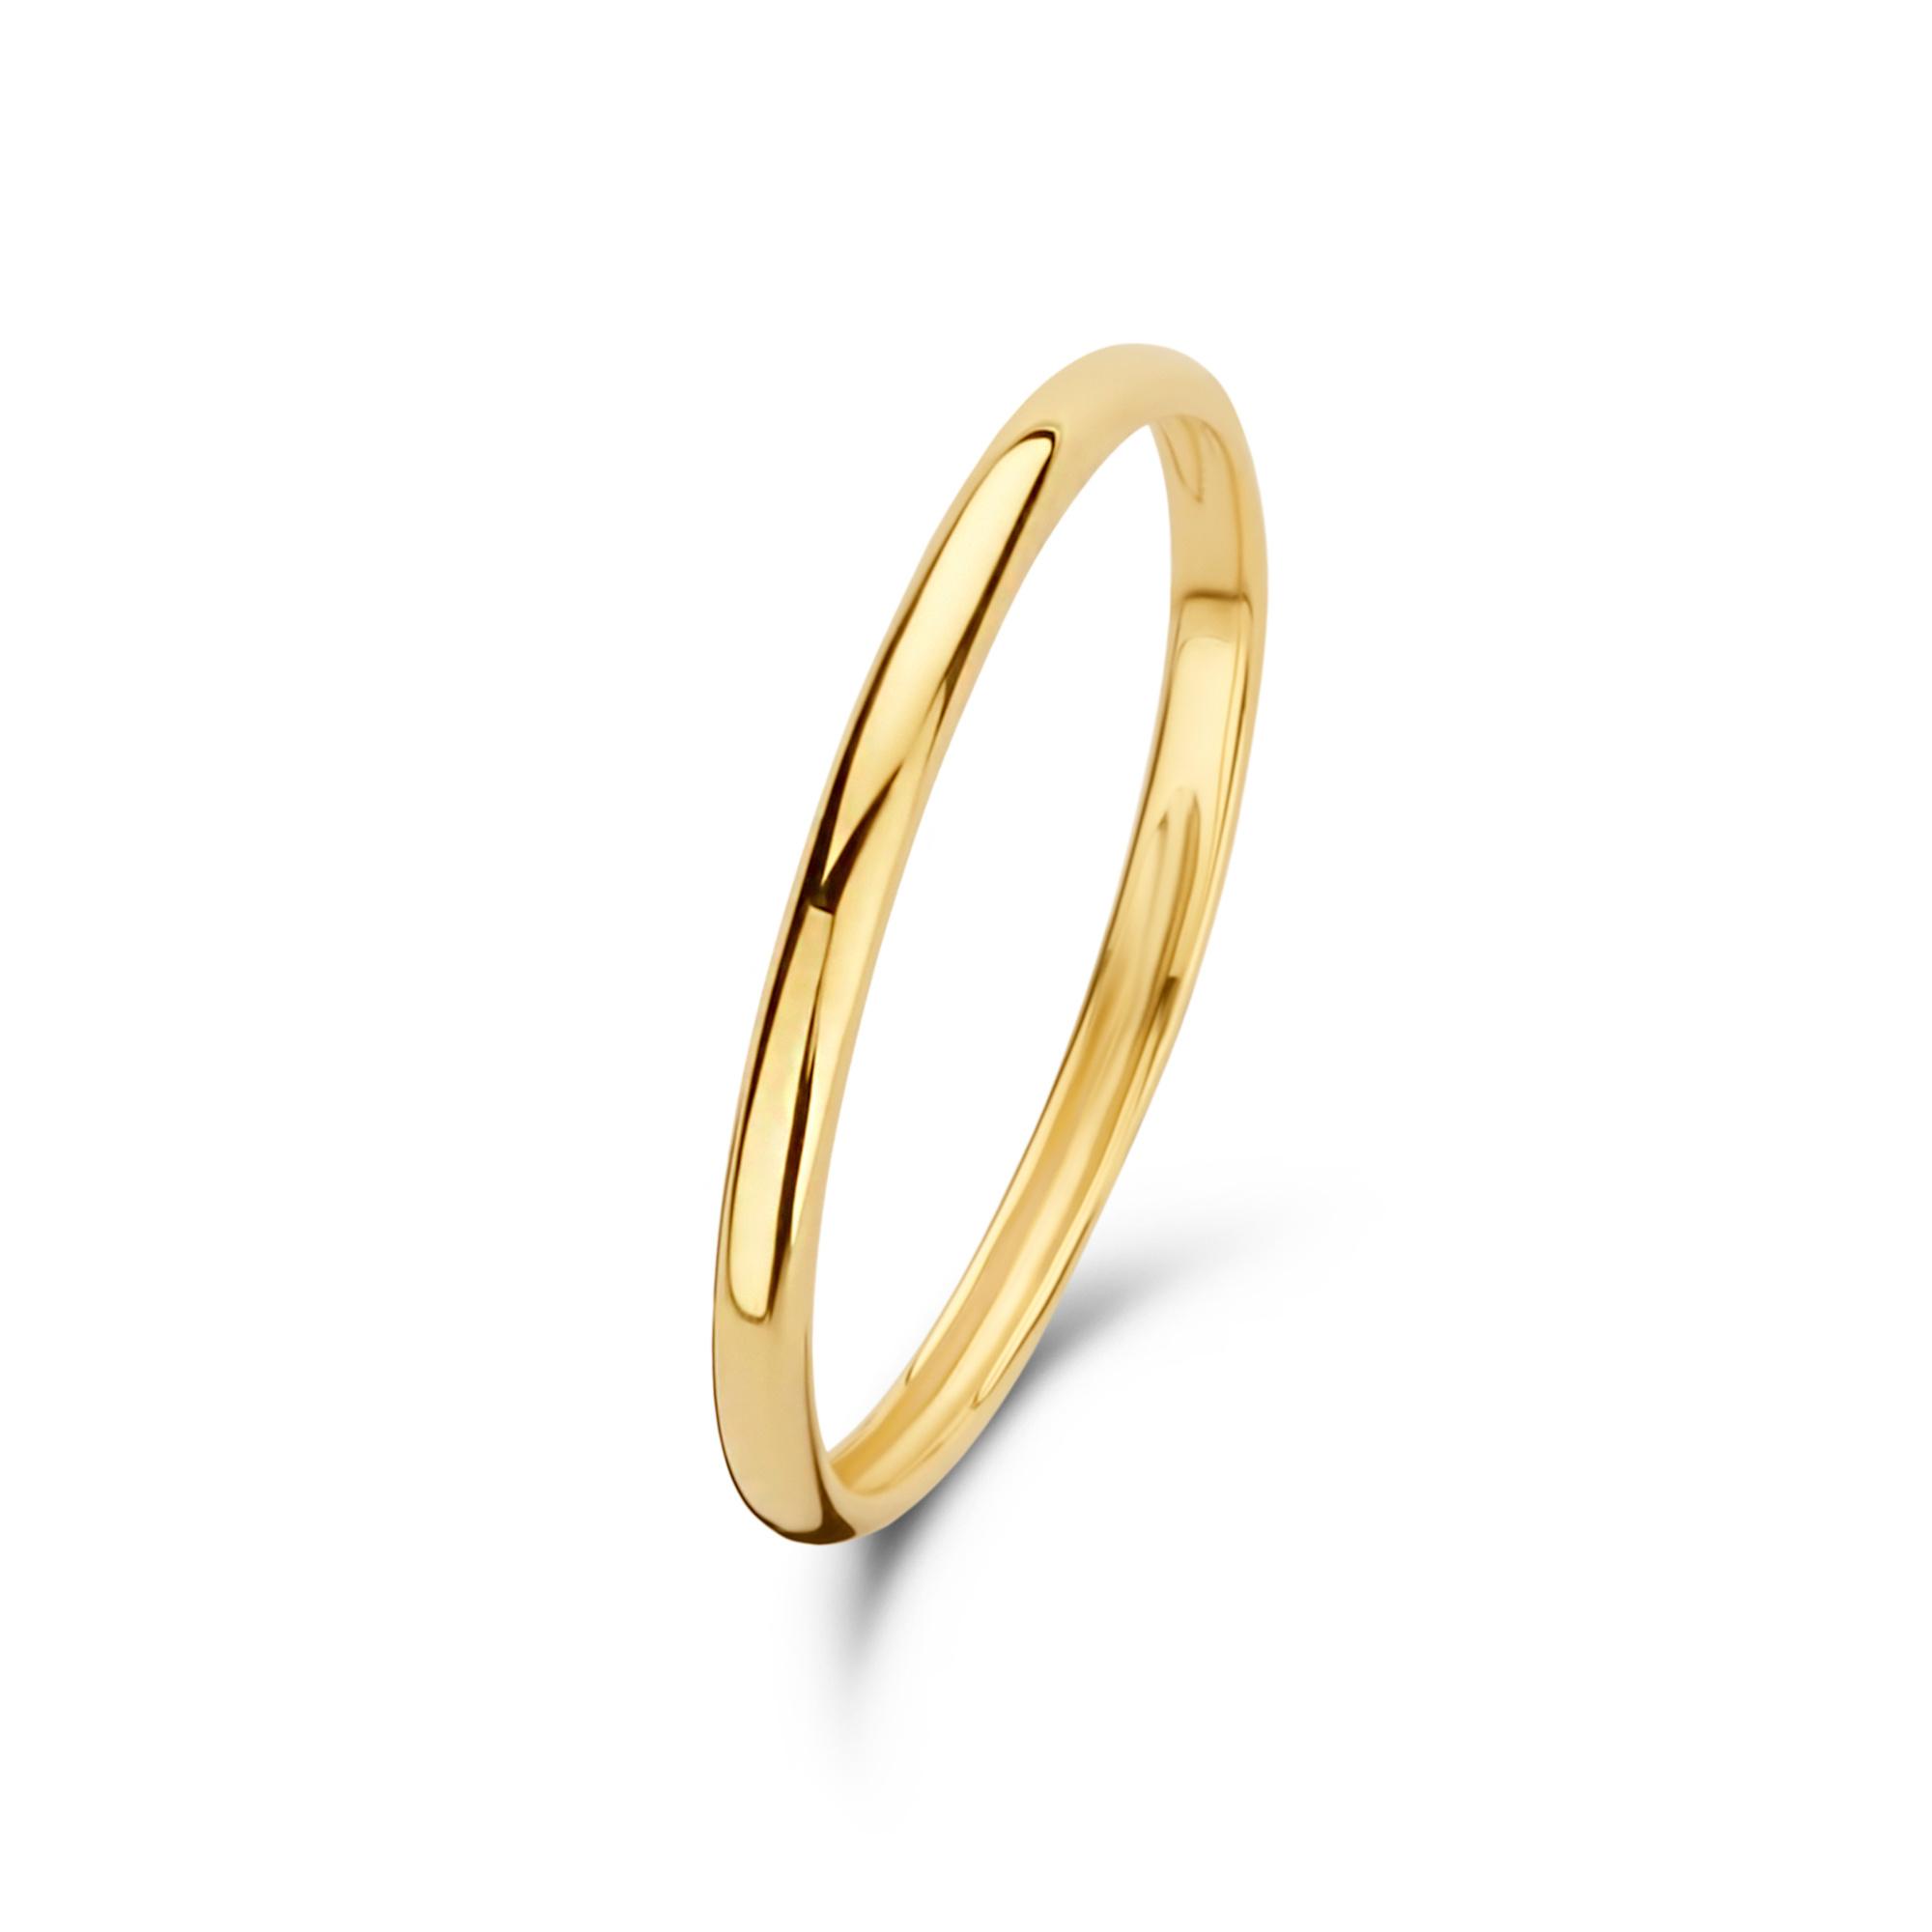 Isabel Bernard Asterope Solid 14 karaat gouden stacking ring